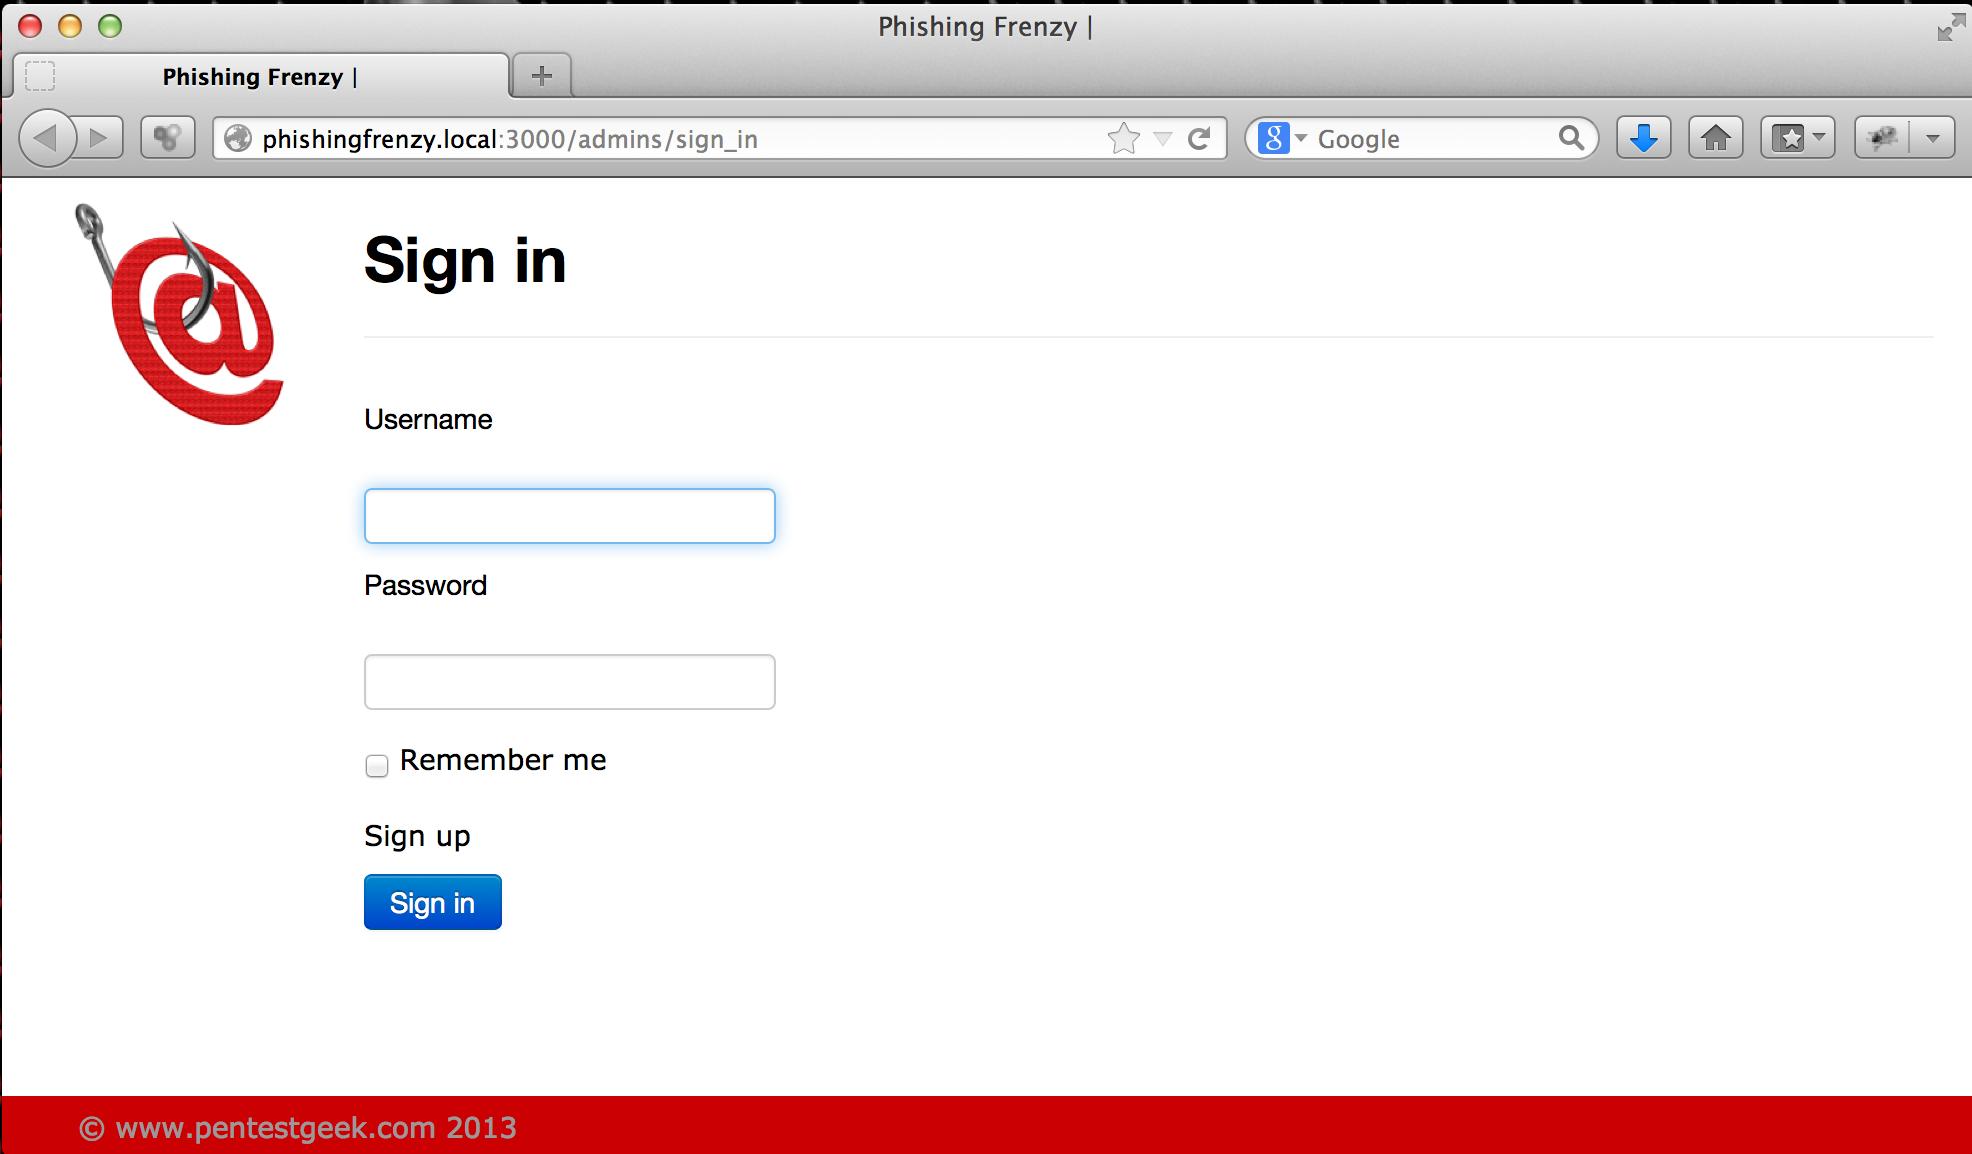 pf login Phishing Frenzy: Installing the Monster